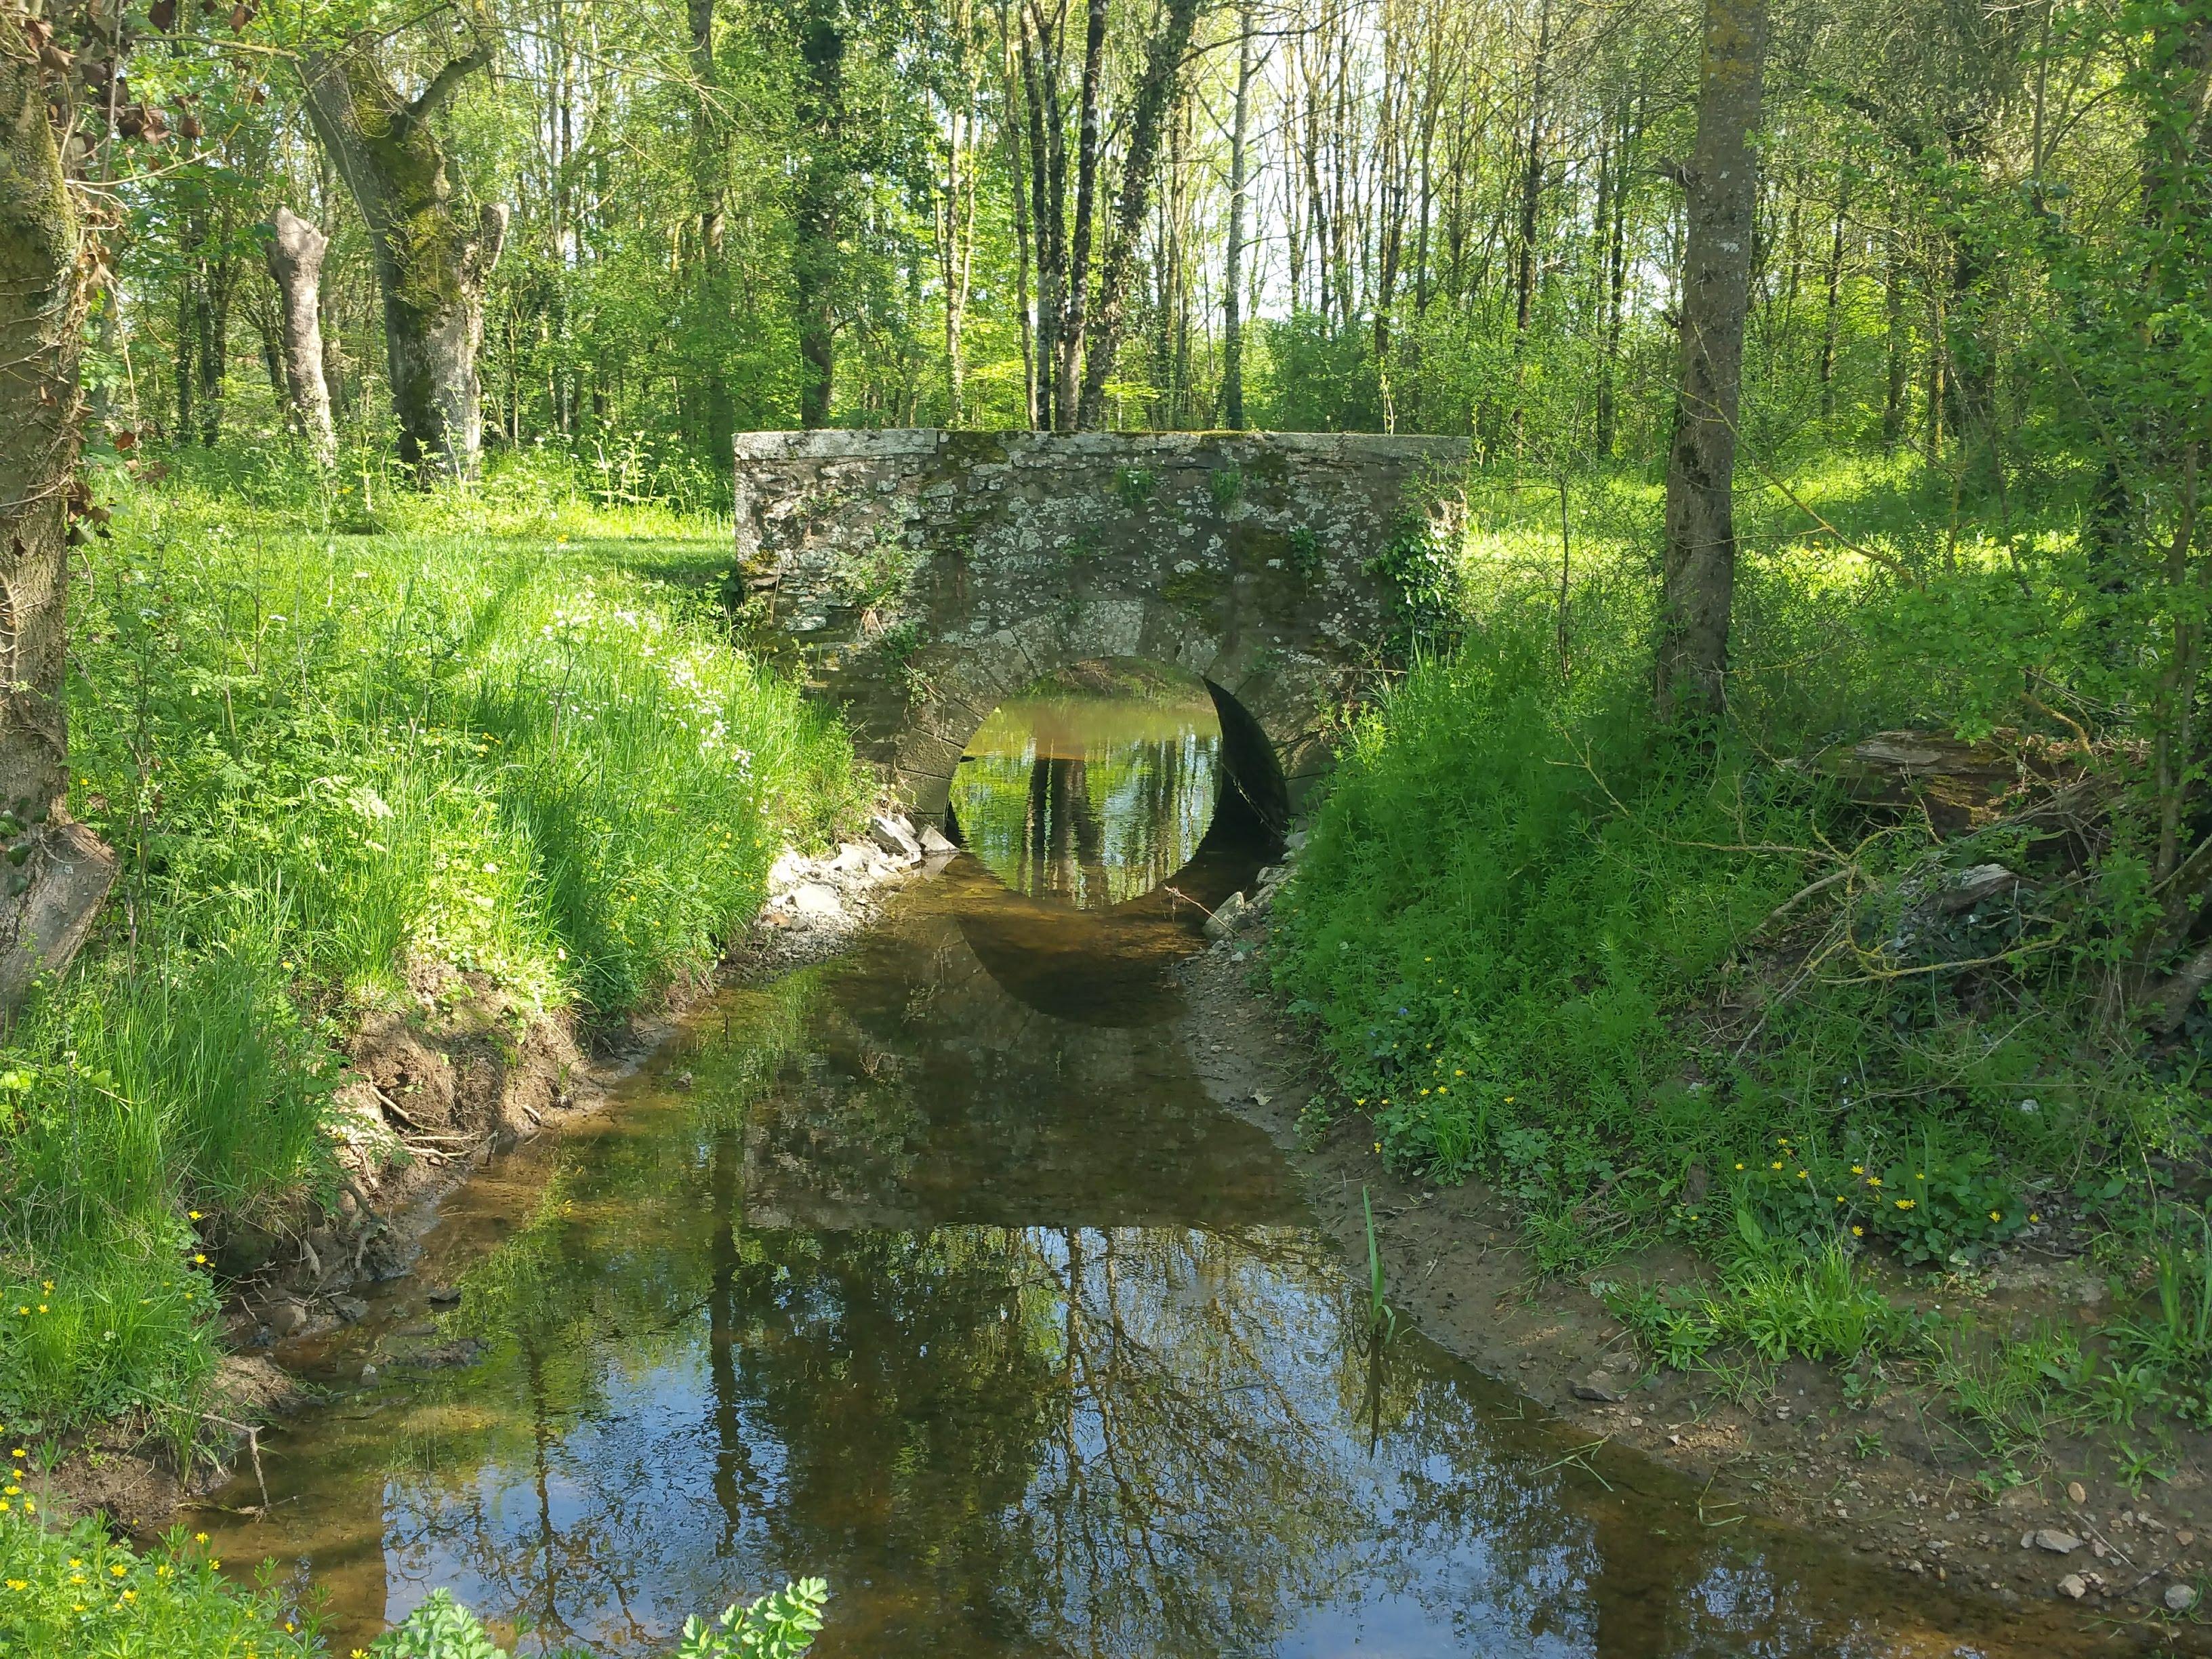 Restauration de l'Issoire au domaine de la Chabotterie à Montréverd (85) : après travaux